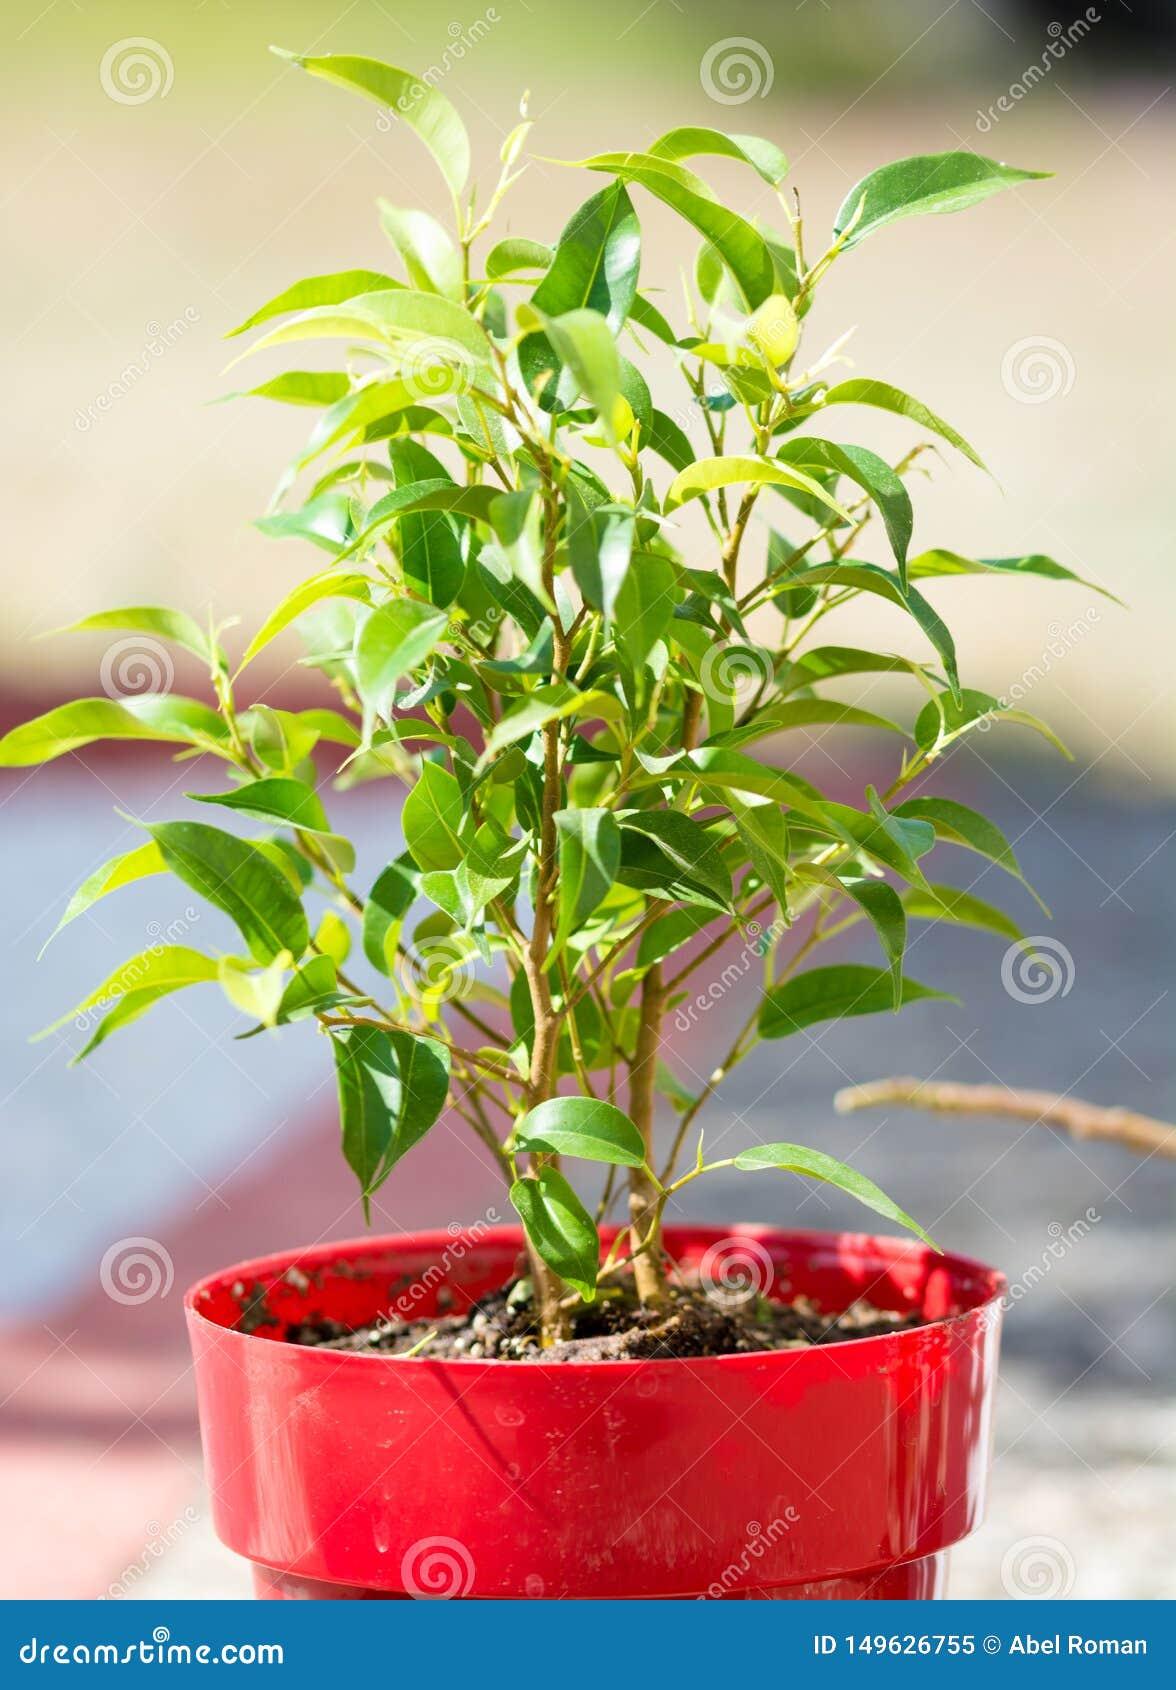 有很多叶子的绿色植物在一个红色罐